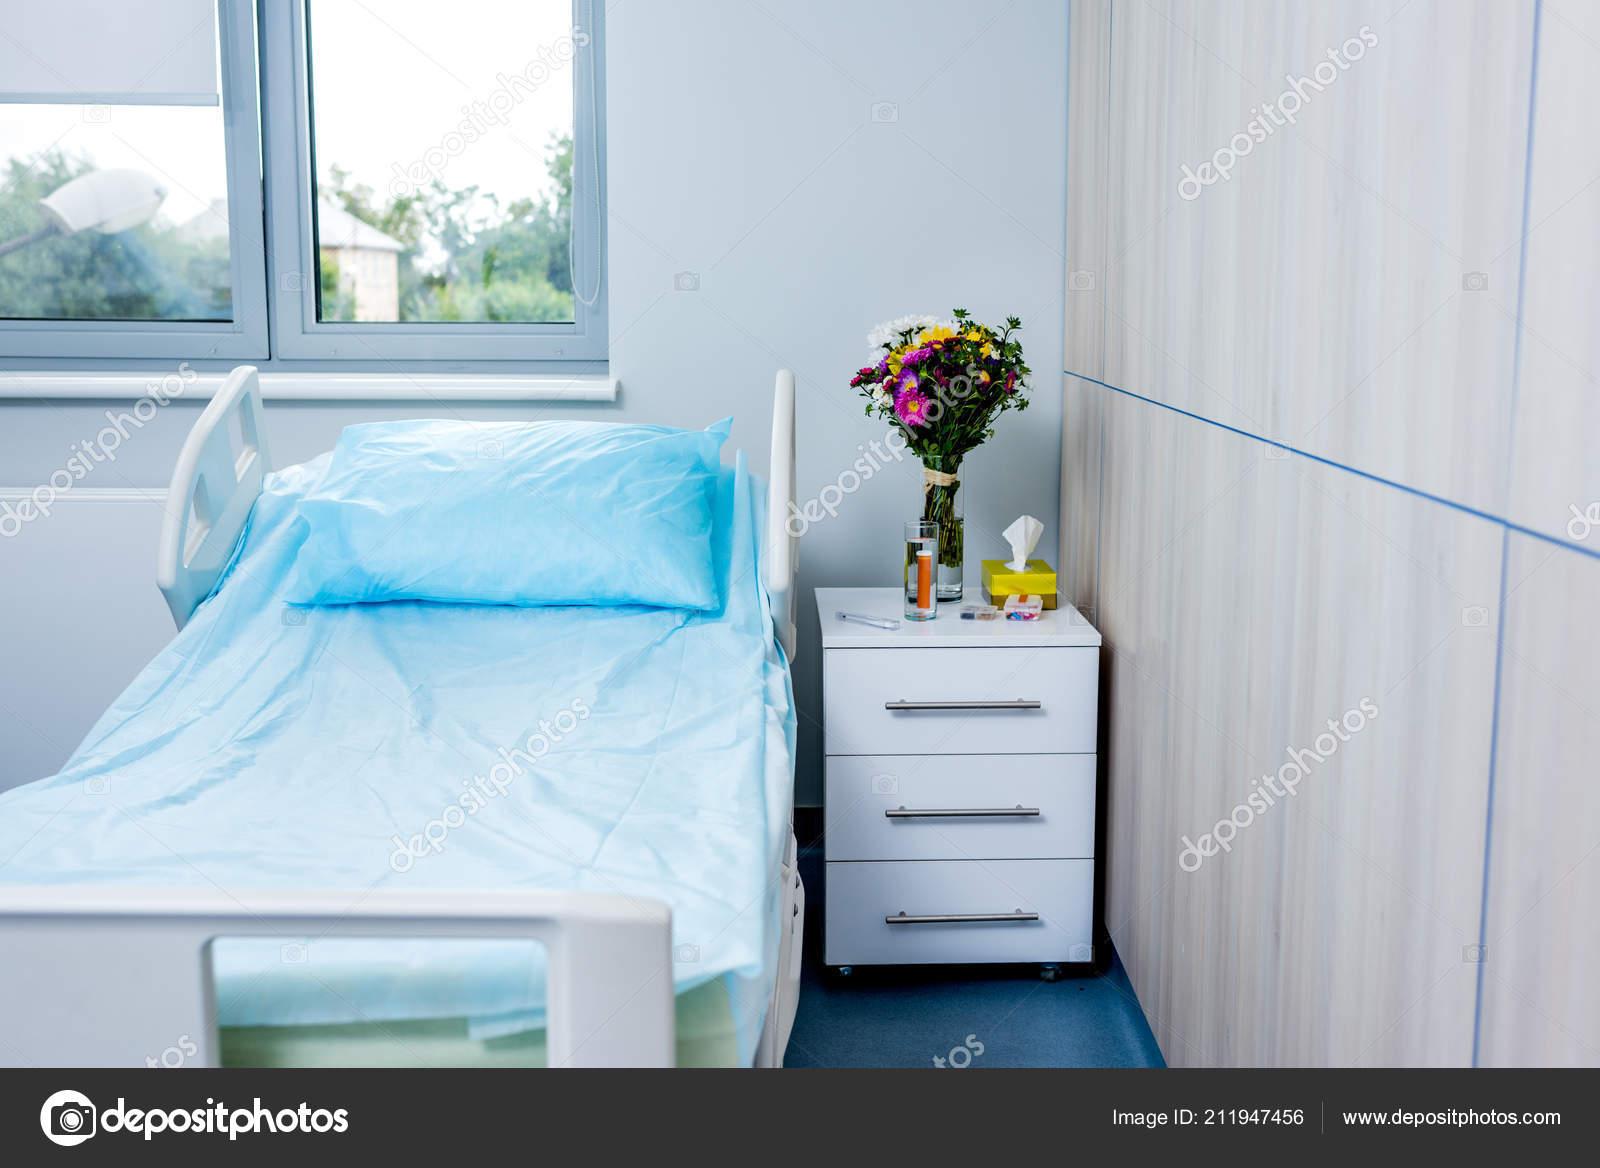 Interieur van ziekenhuis kamer met bed bloemen nachtkastje